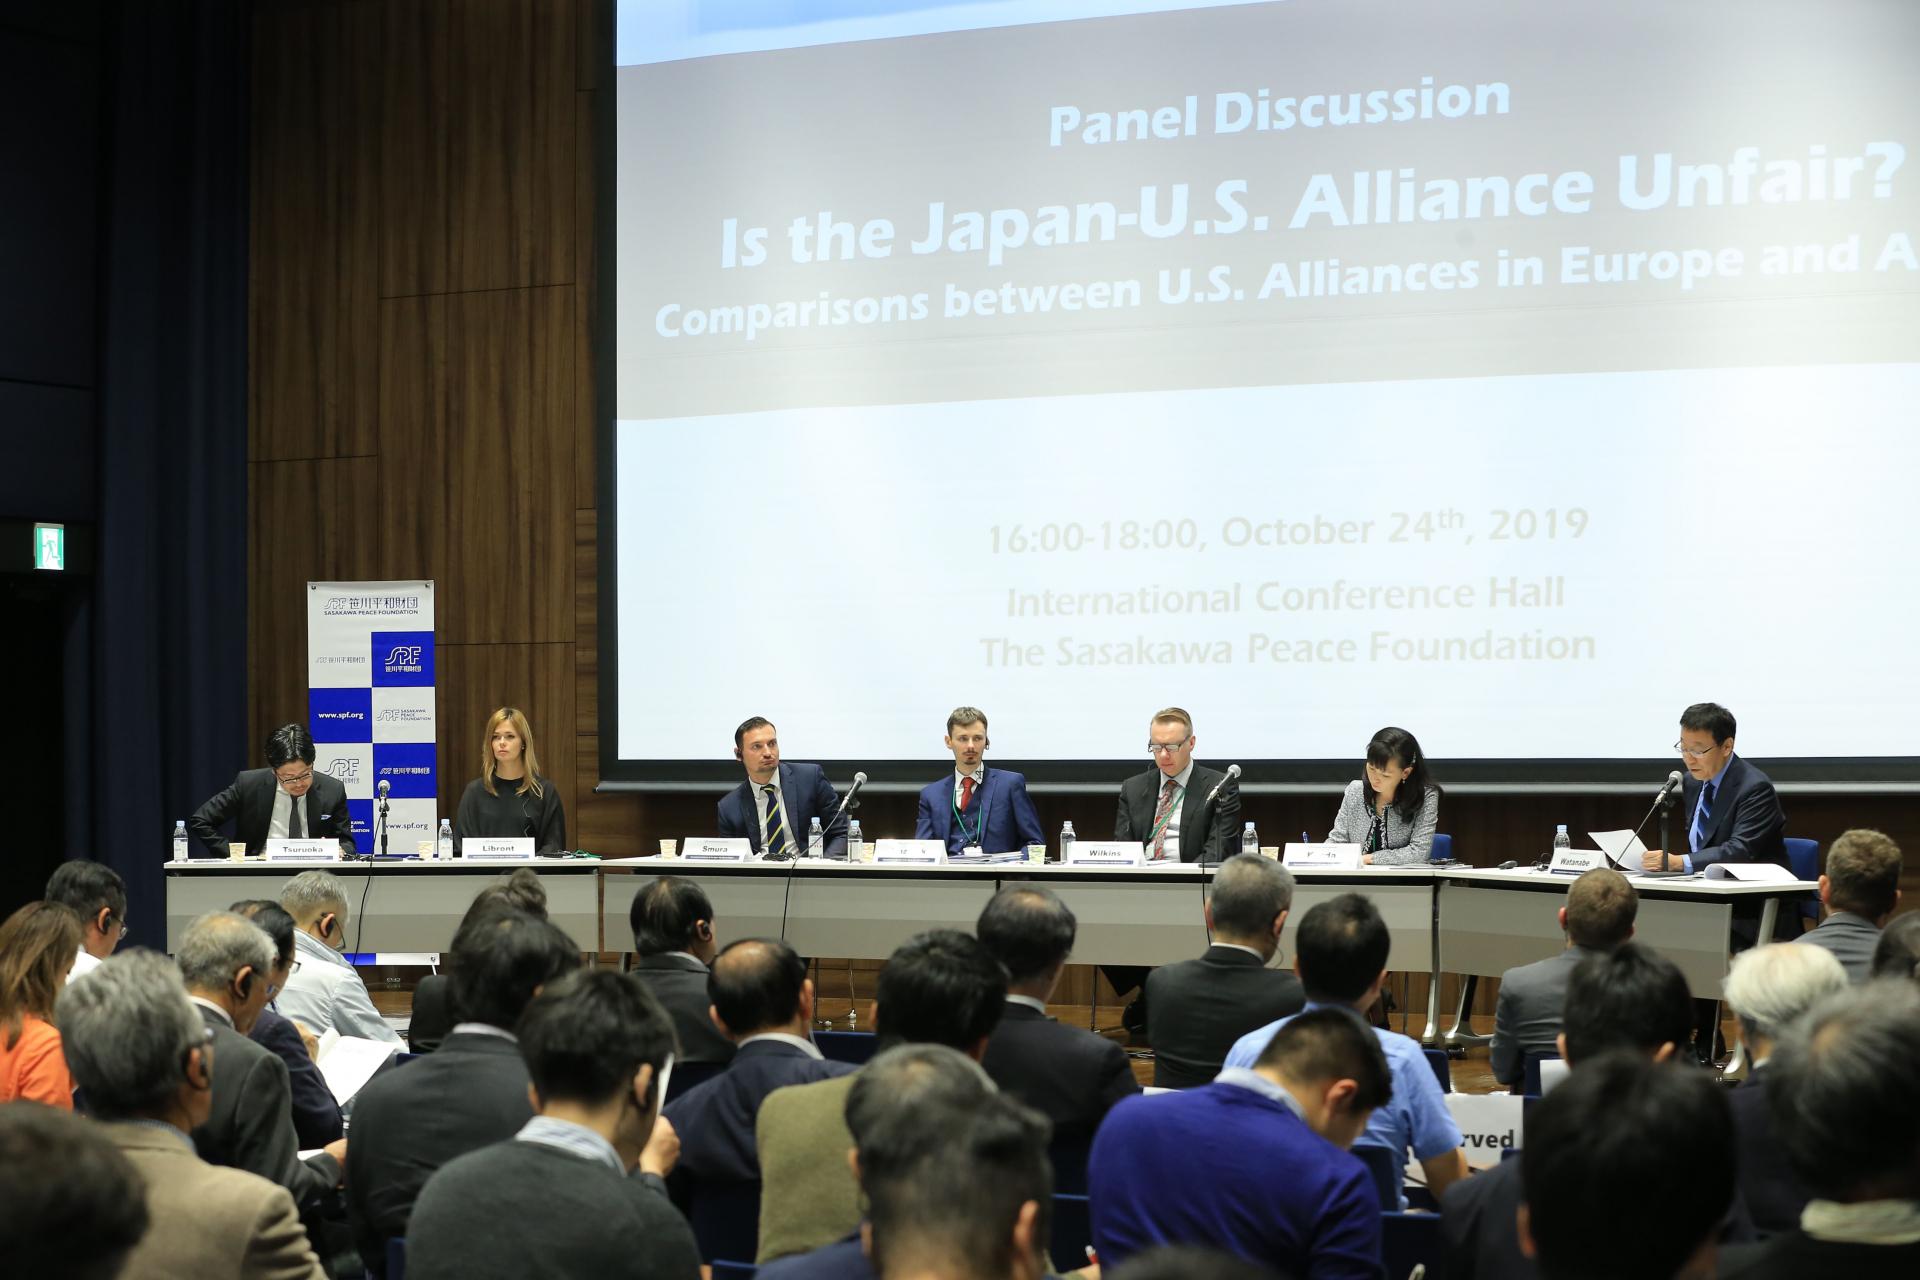 パネル講演会「日米同盟は不公平か?」ーアジアと欧州の同盟を比較するー